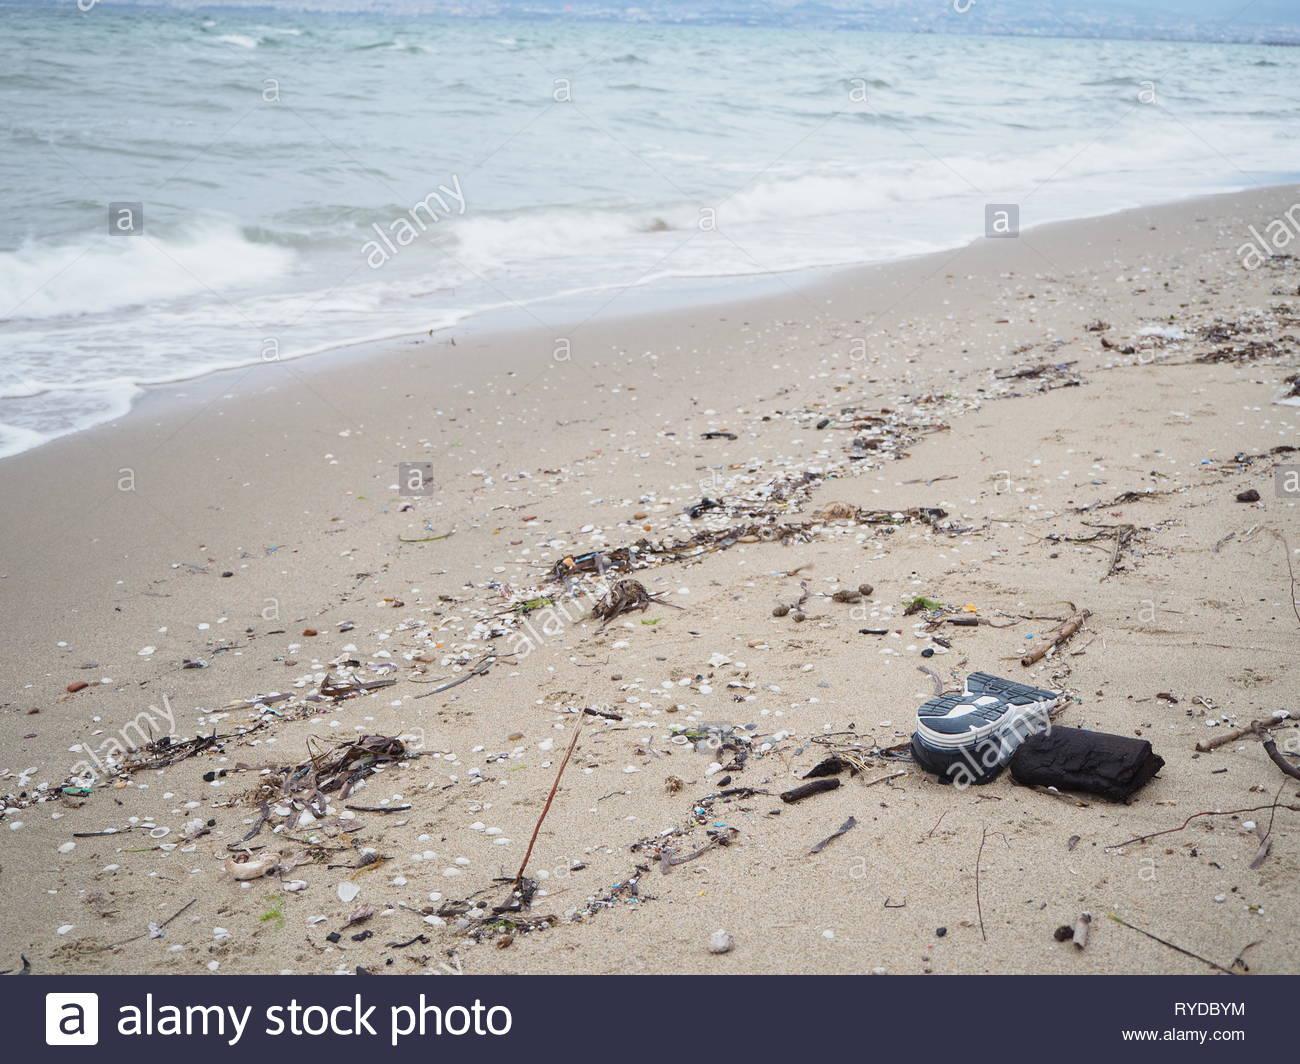 La chaussure de sport abandonné sur la plage Photo Stock